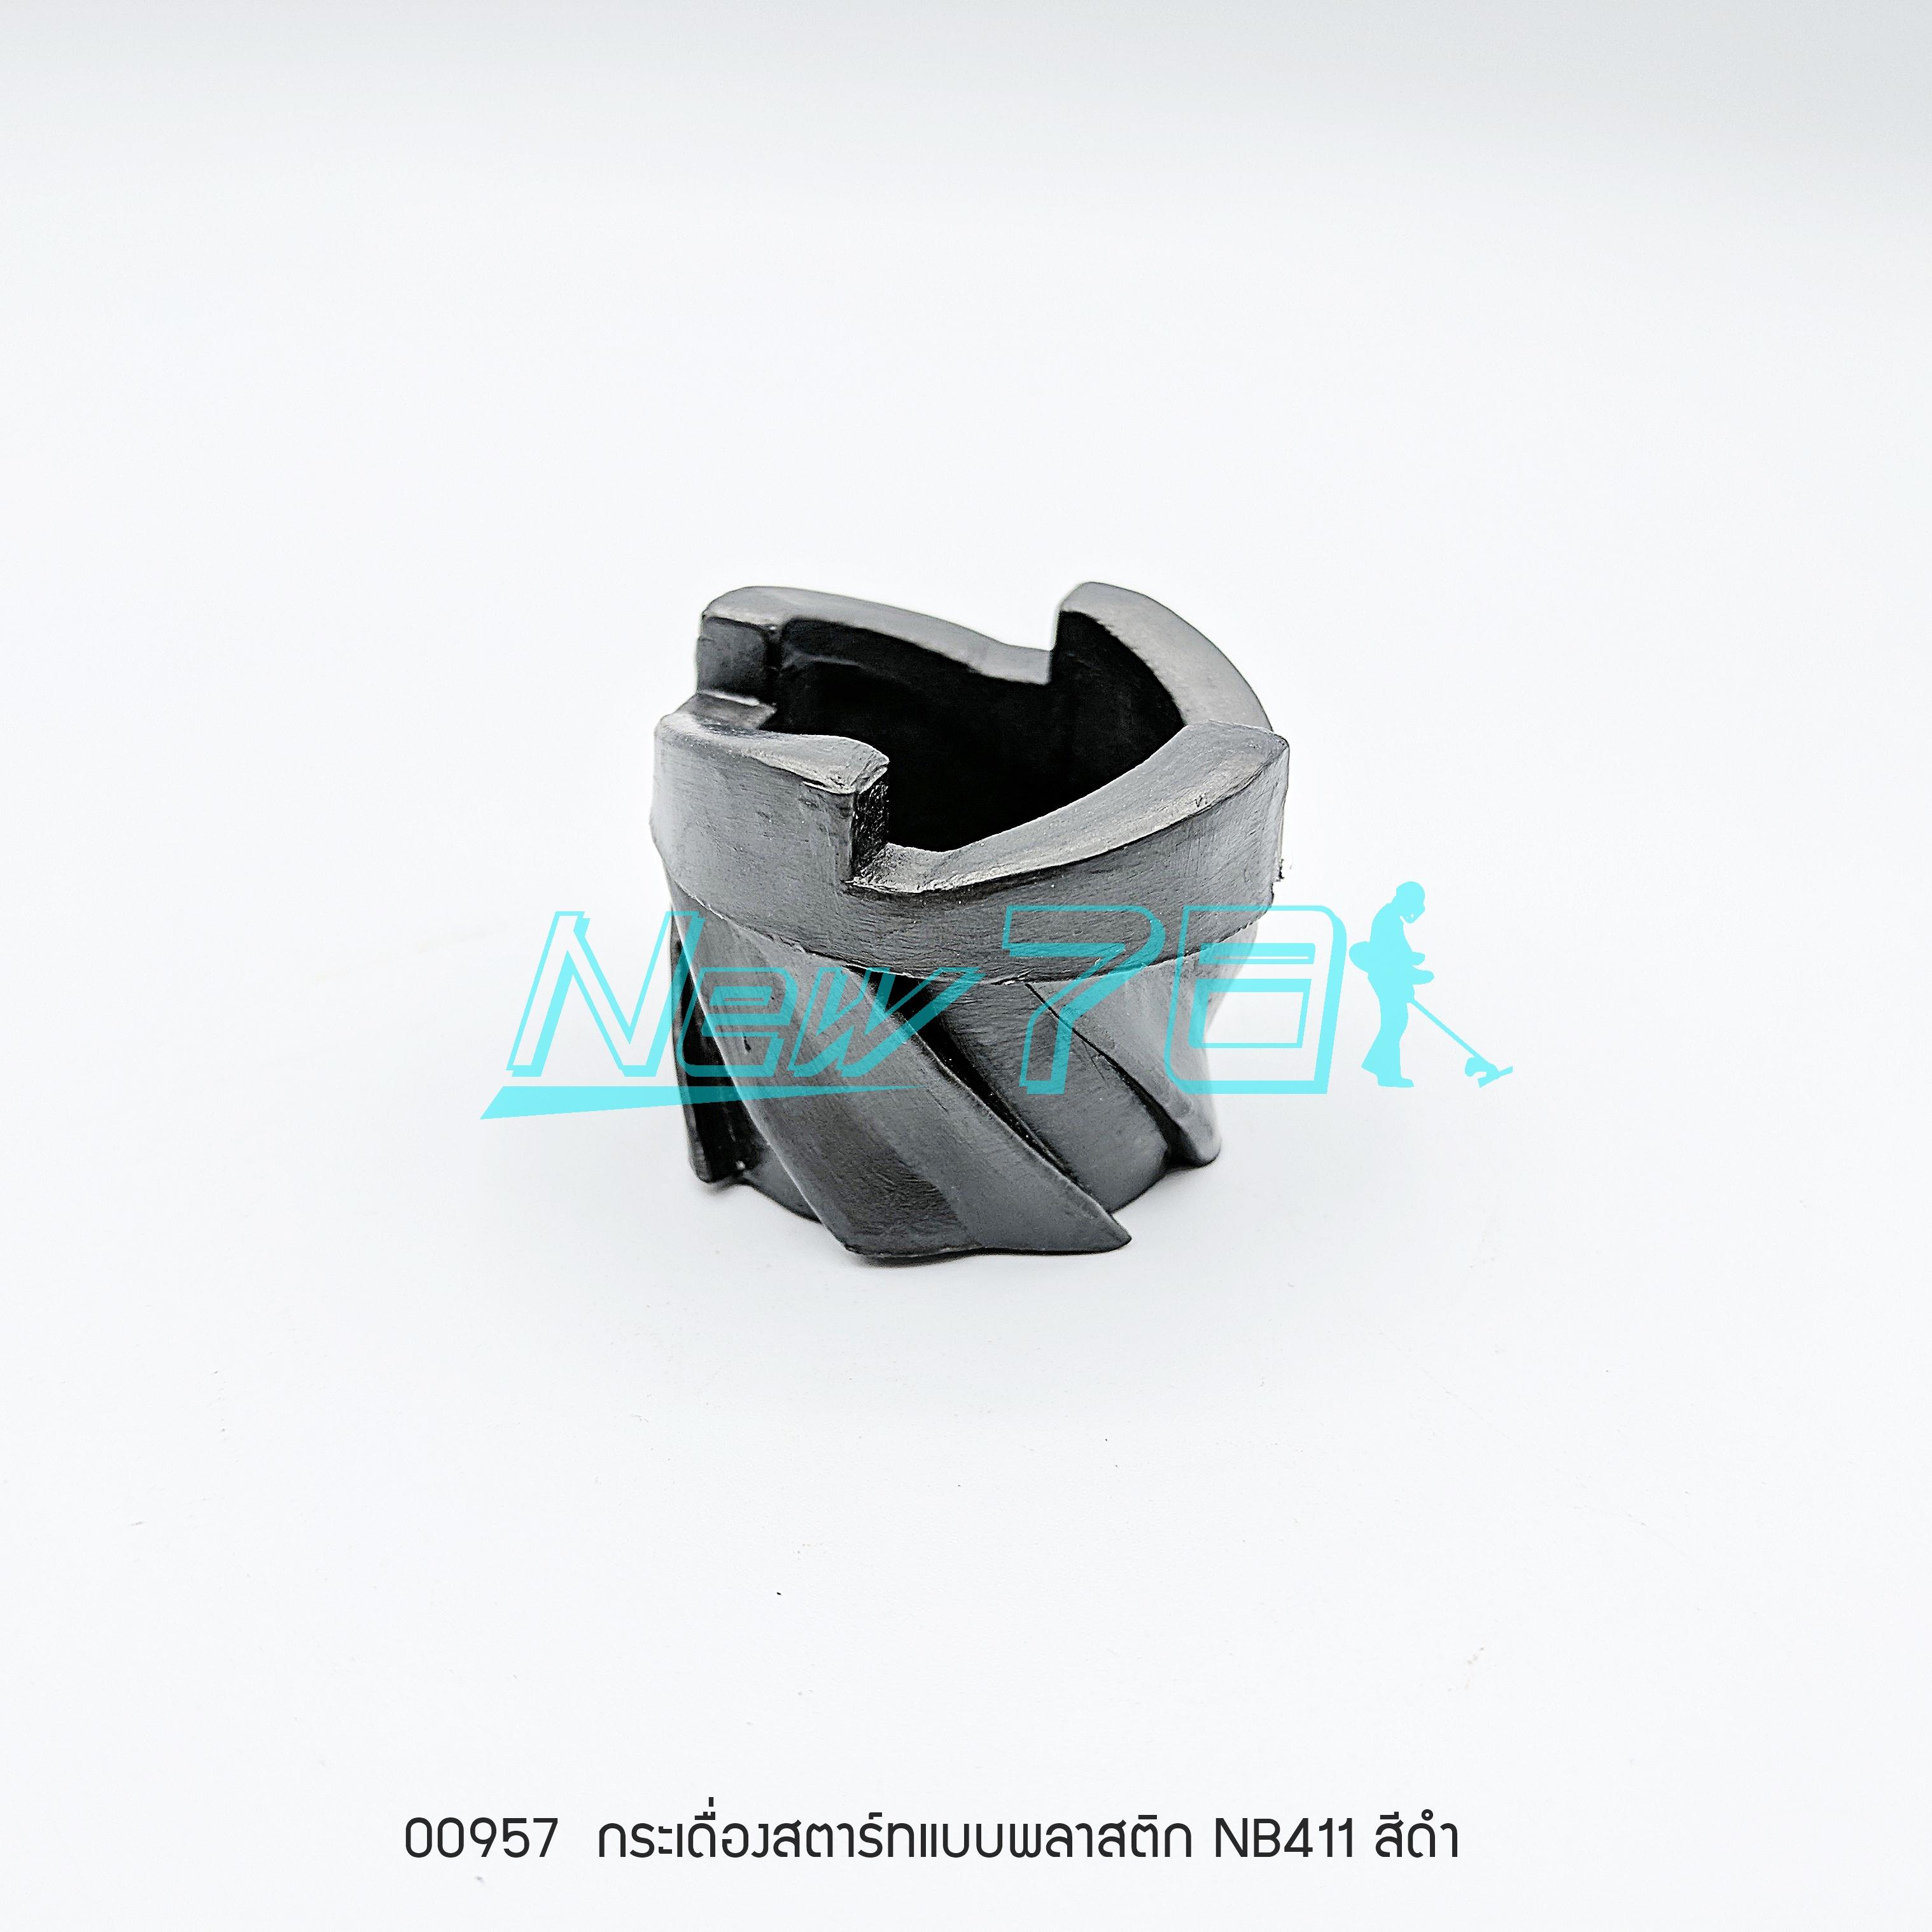 00957 กระเดื่องสตาร์ทแบบพลาสติก NB411 สีดำ